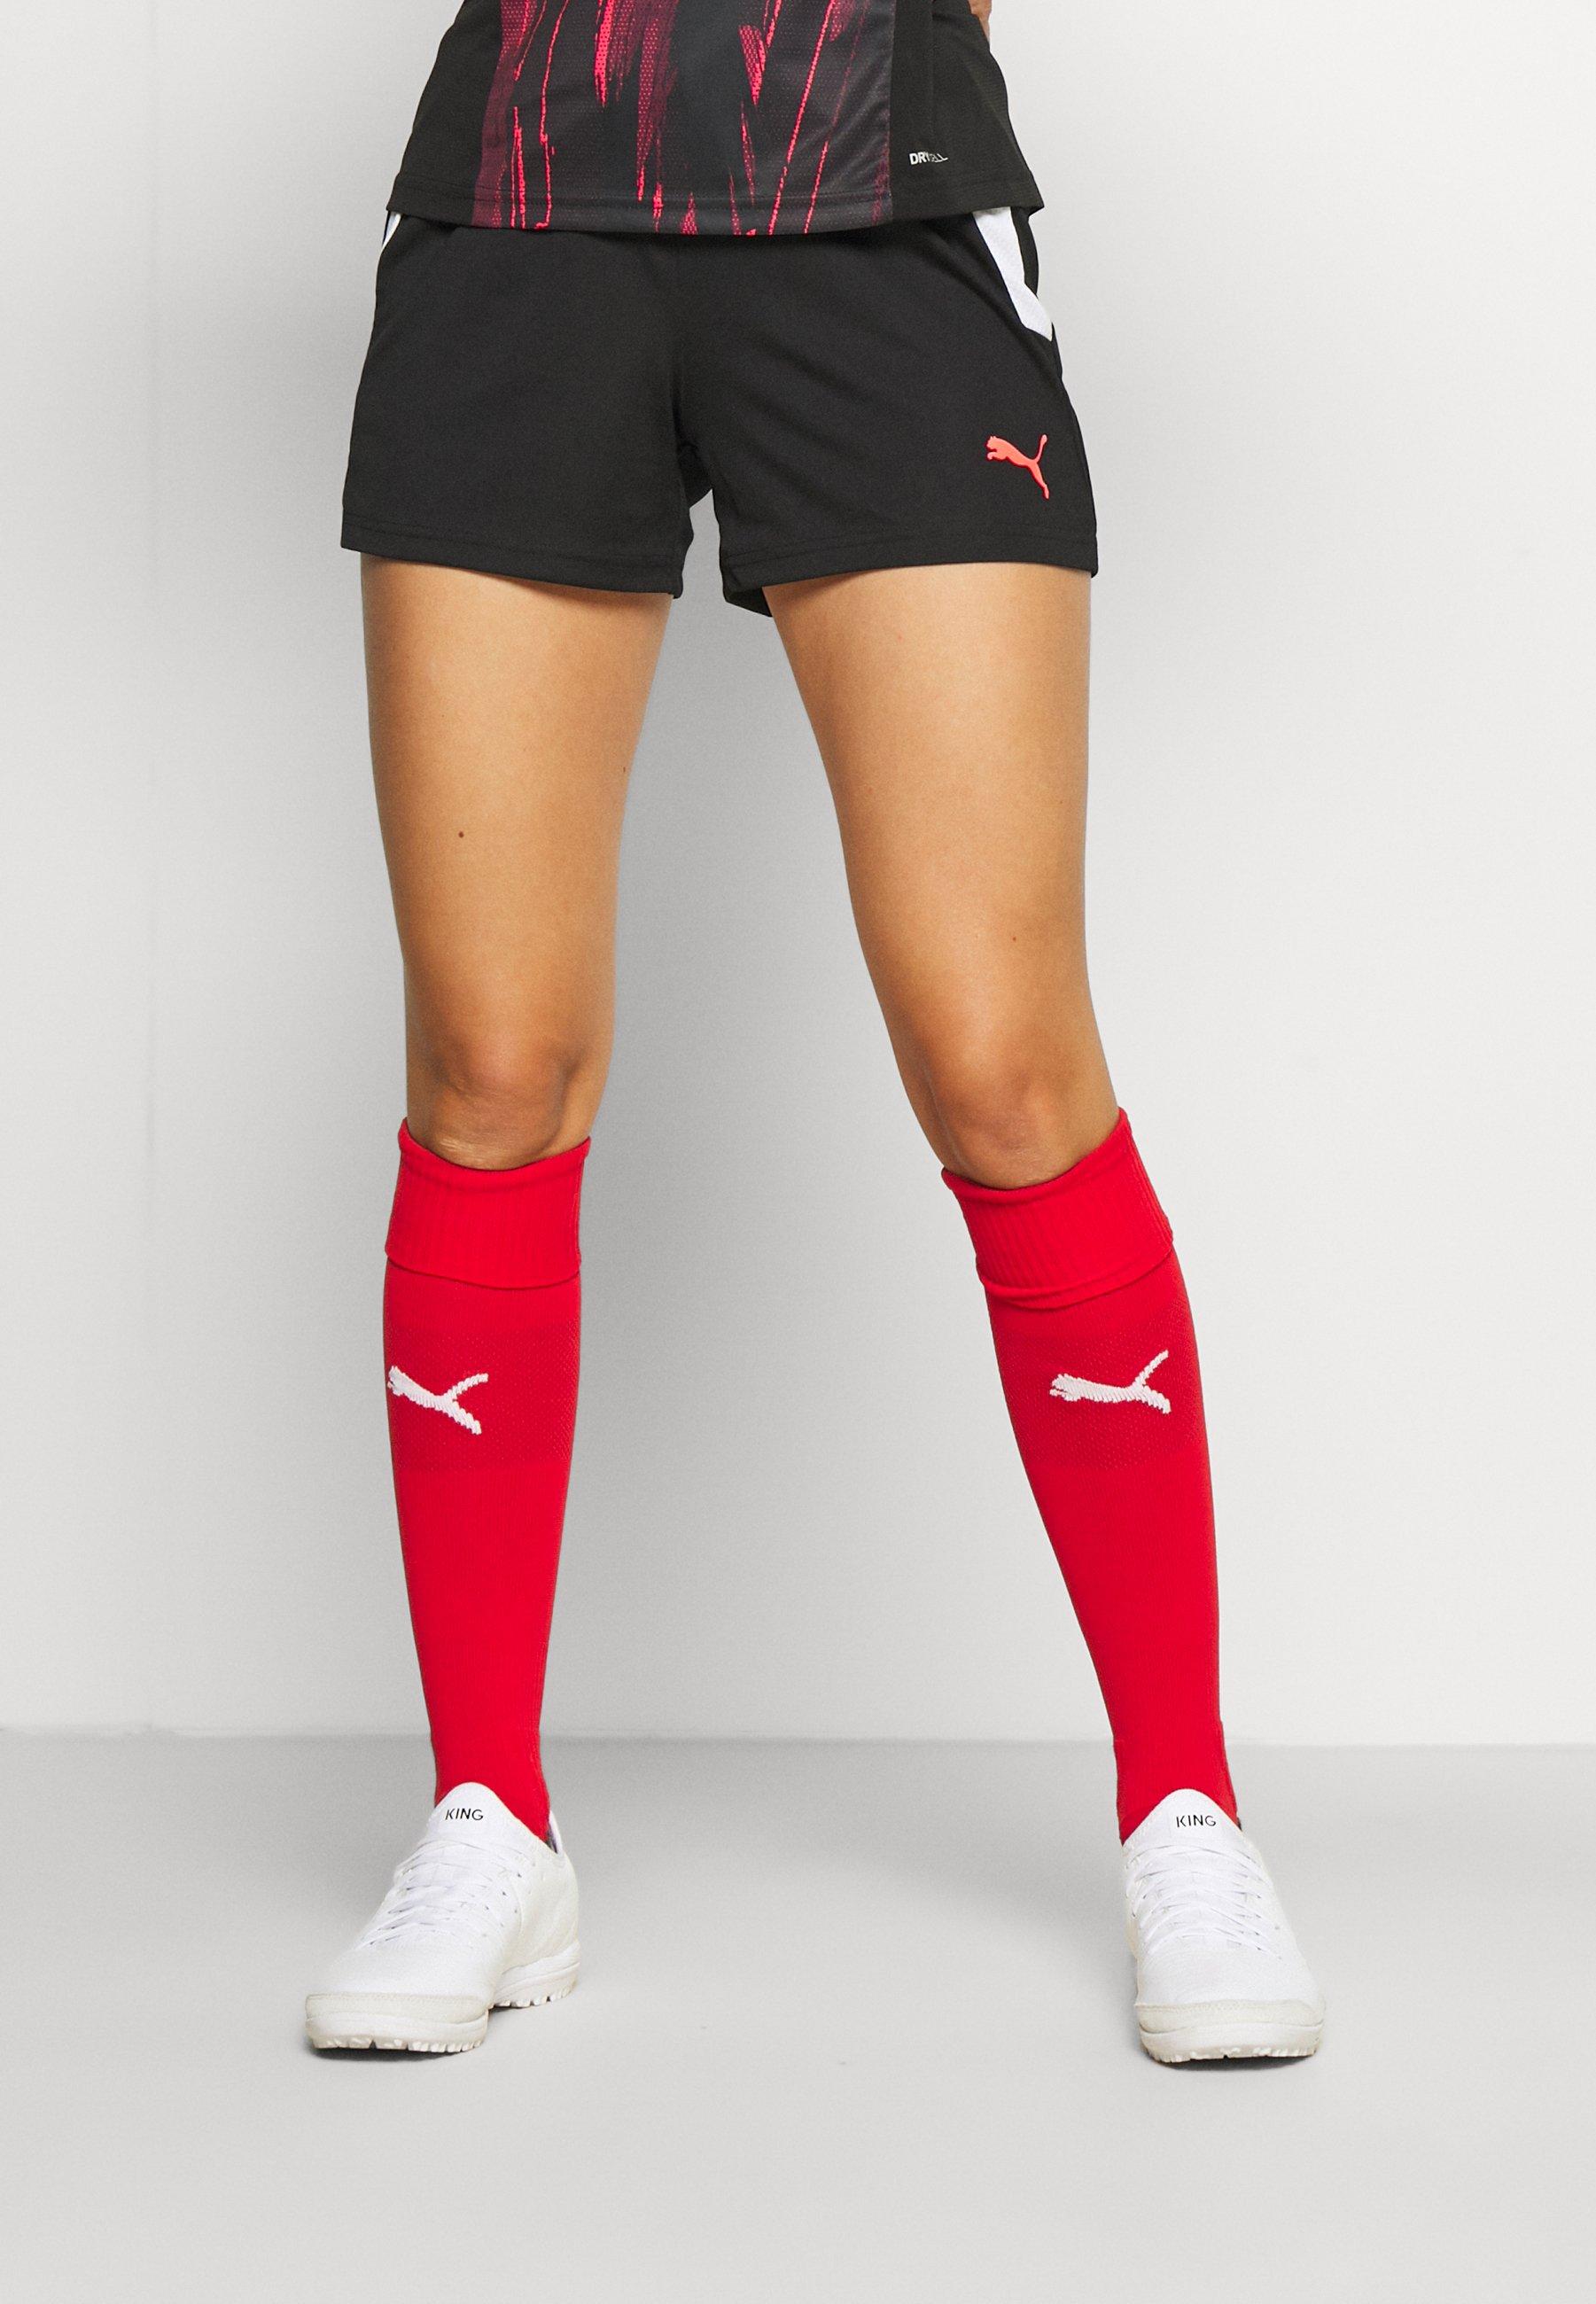 Damen INDIVIDUALLIGA WOMEN SHORTS - kurze Sporthose